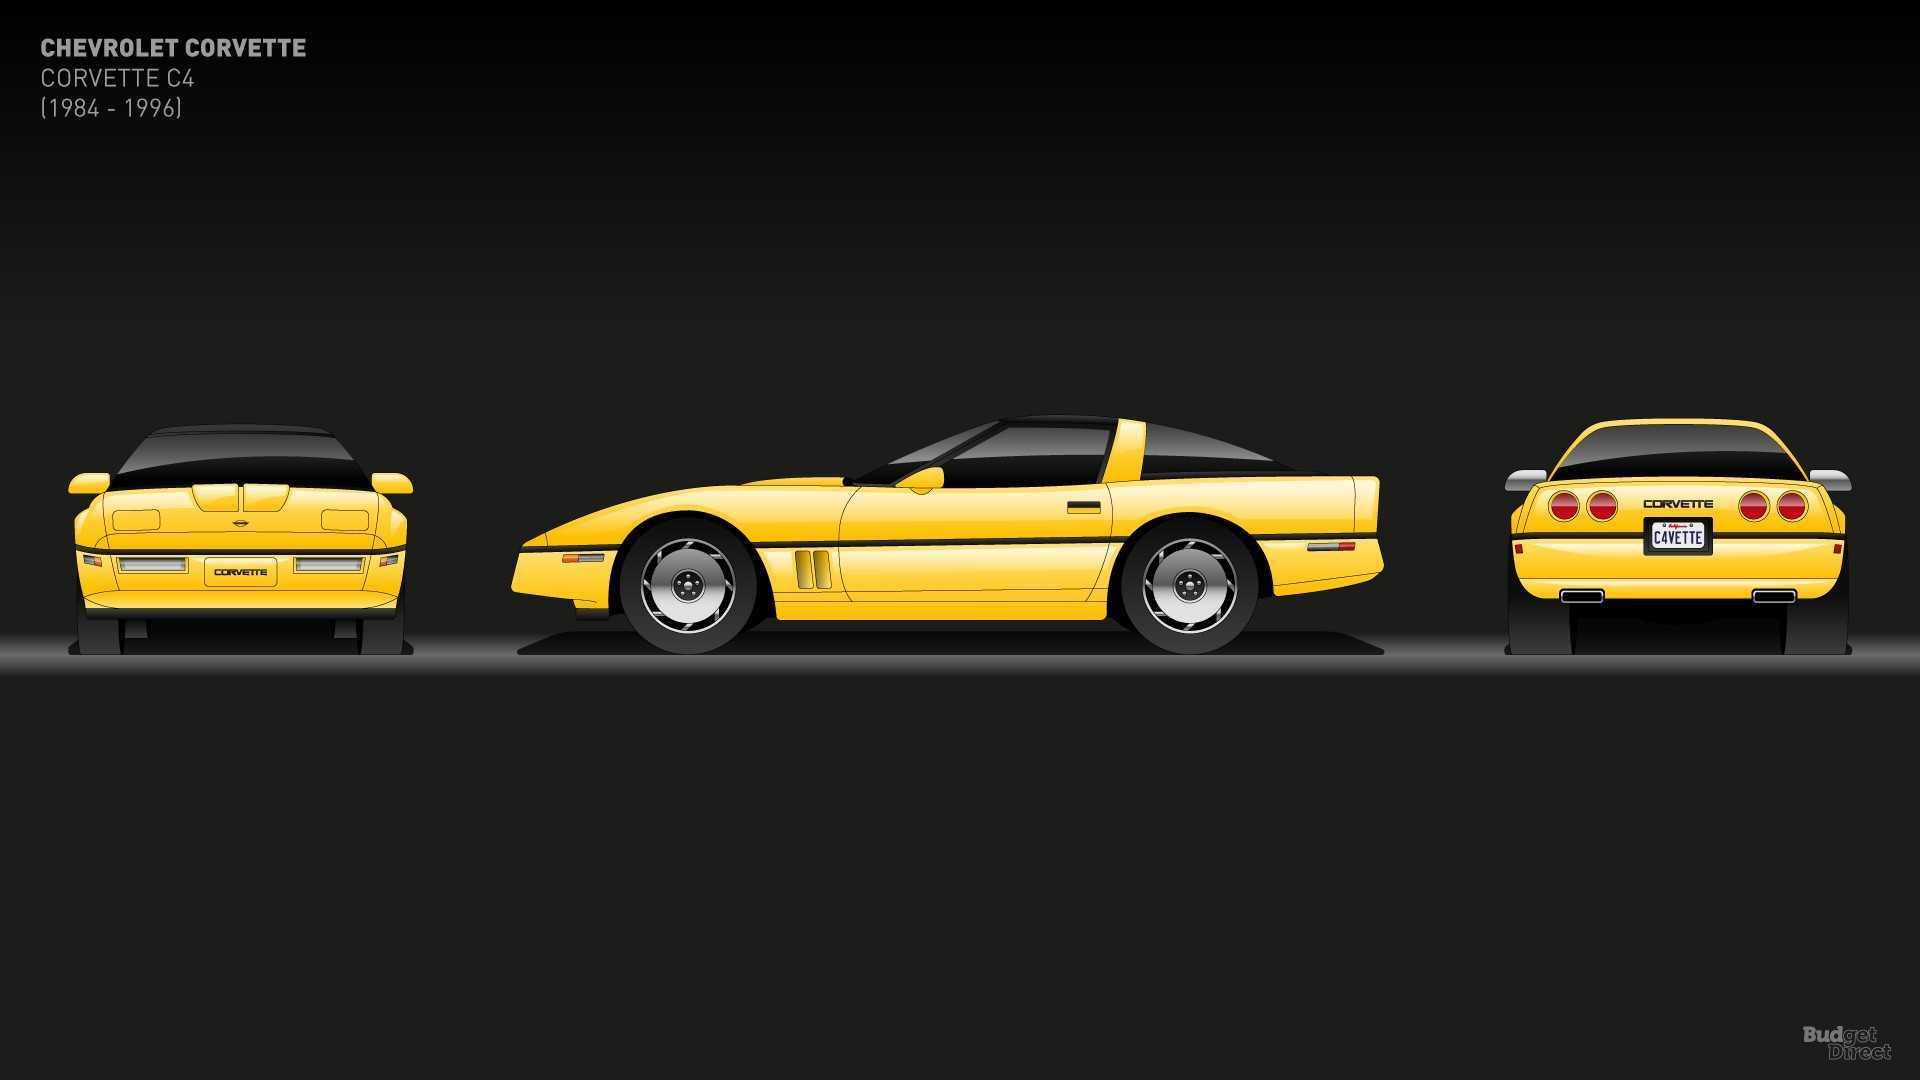 Kelebihan Chevrolet Corvette C4 Perbandingan Harga